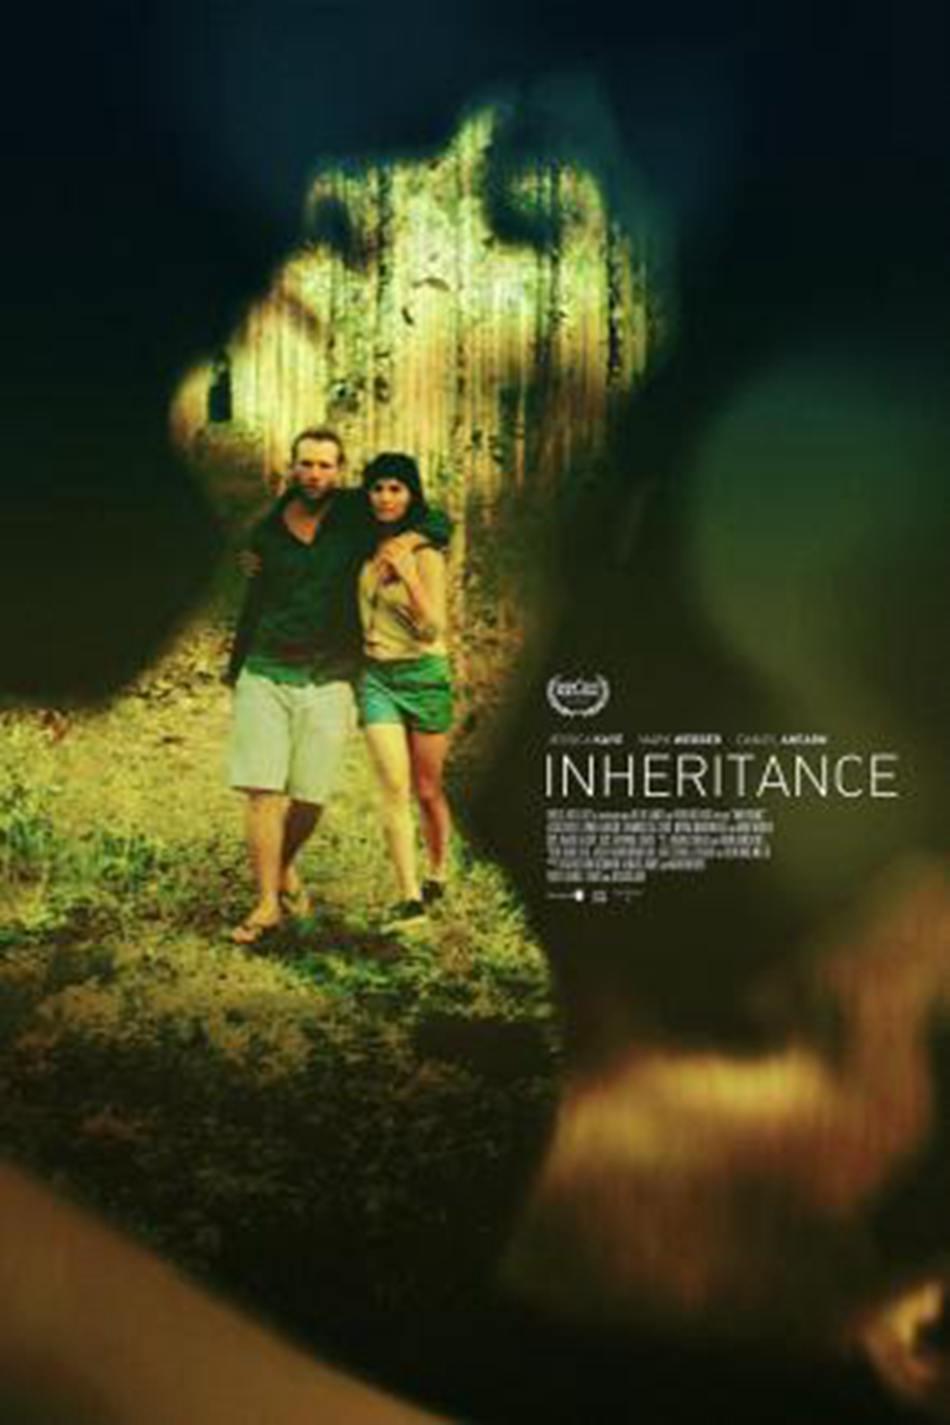 电影Inheritance《继承》,会令你感到恐怖惊悚的影片